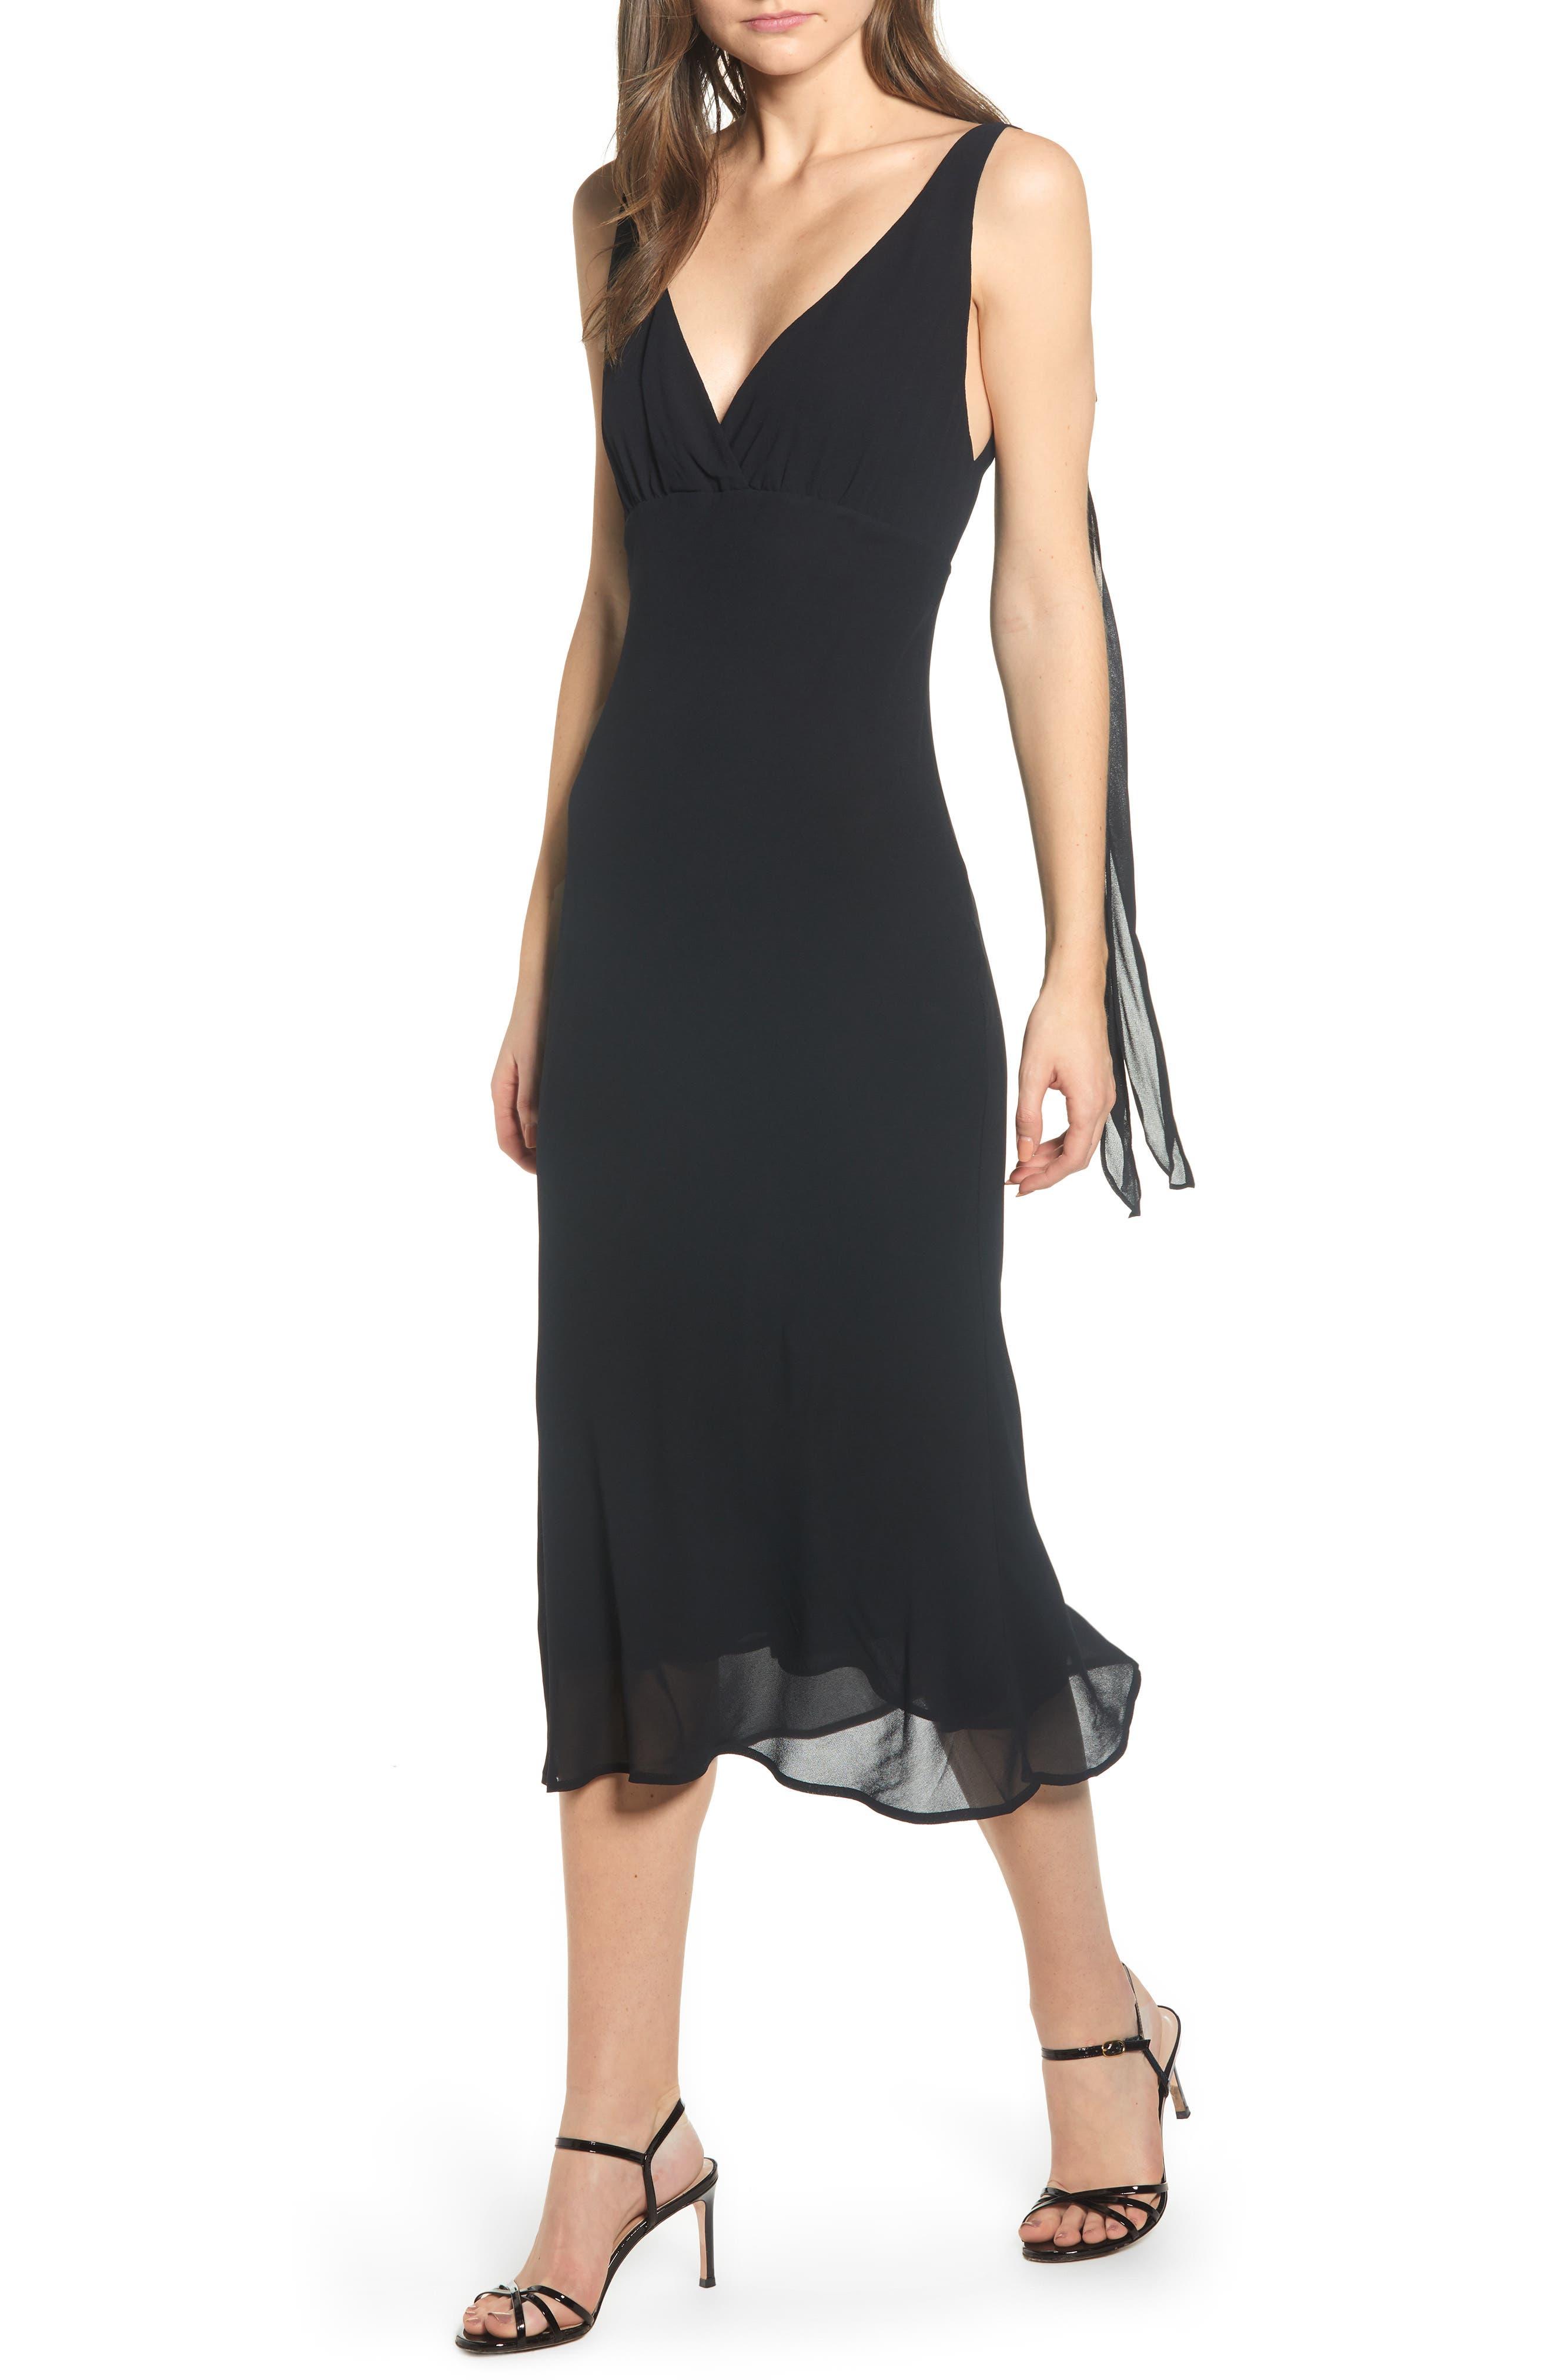 REFORMATION Venezia Dress, Main, color, BLACK